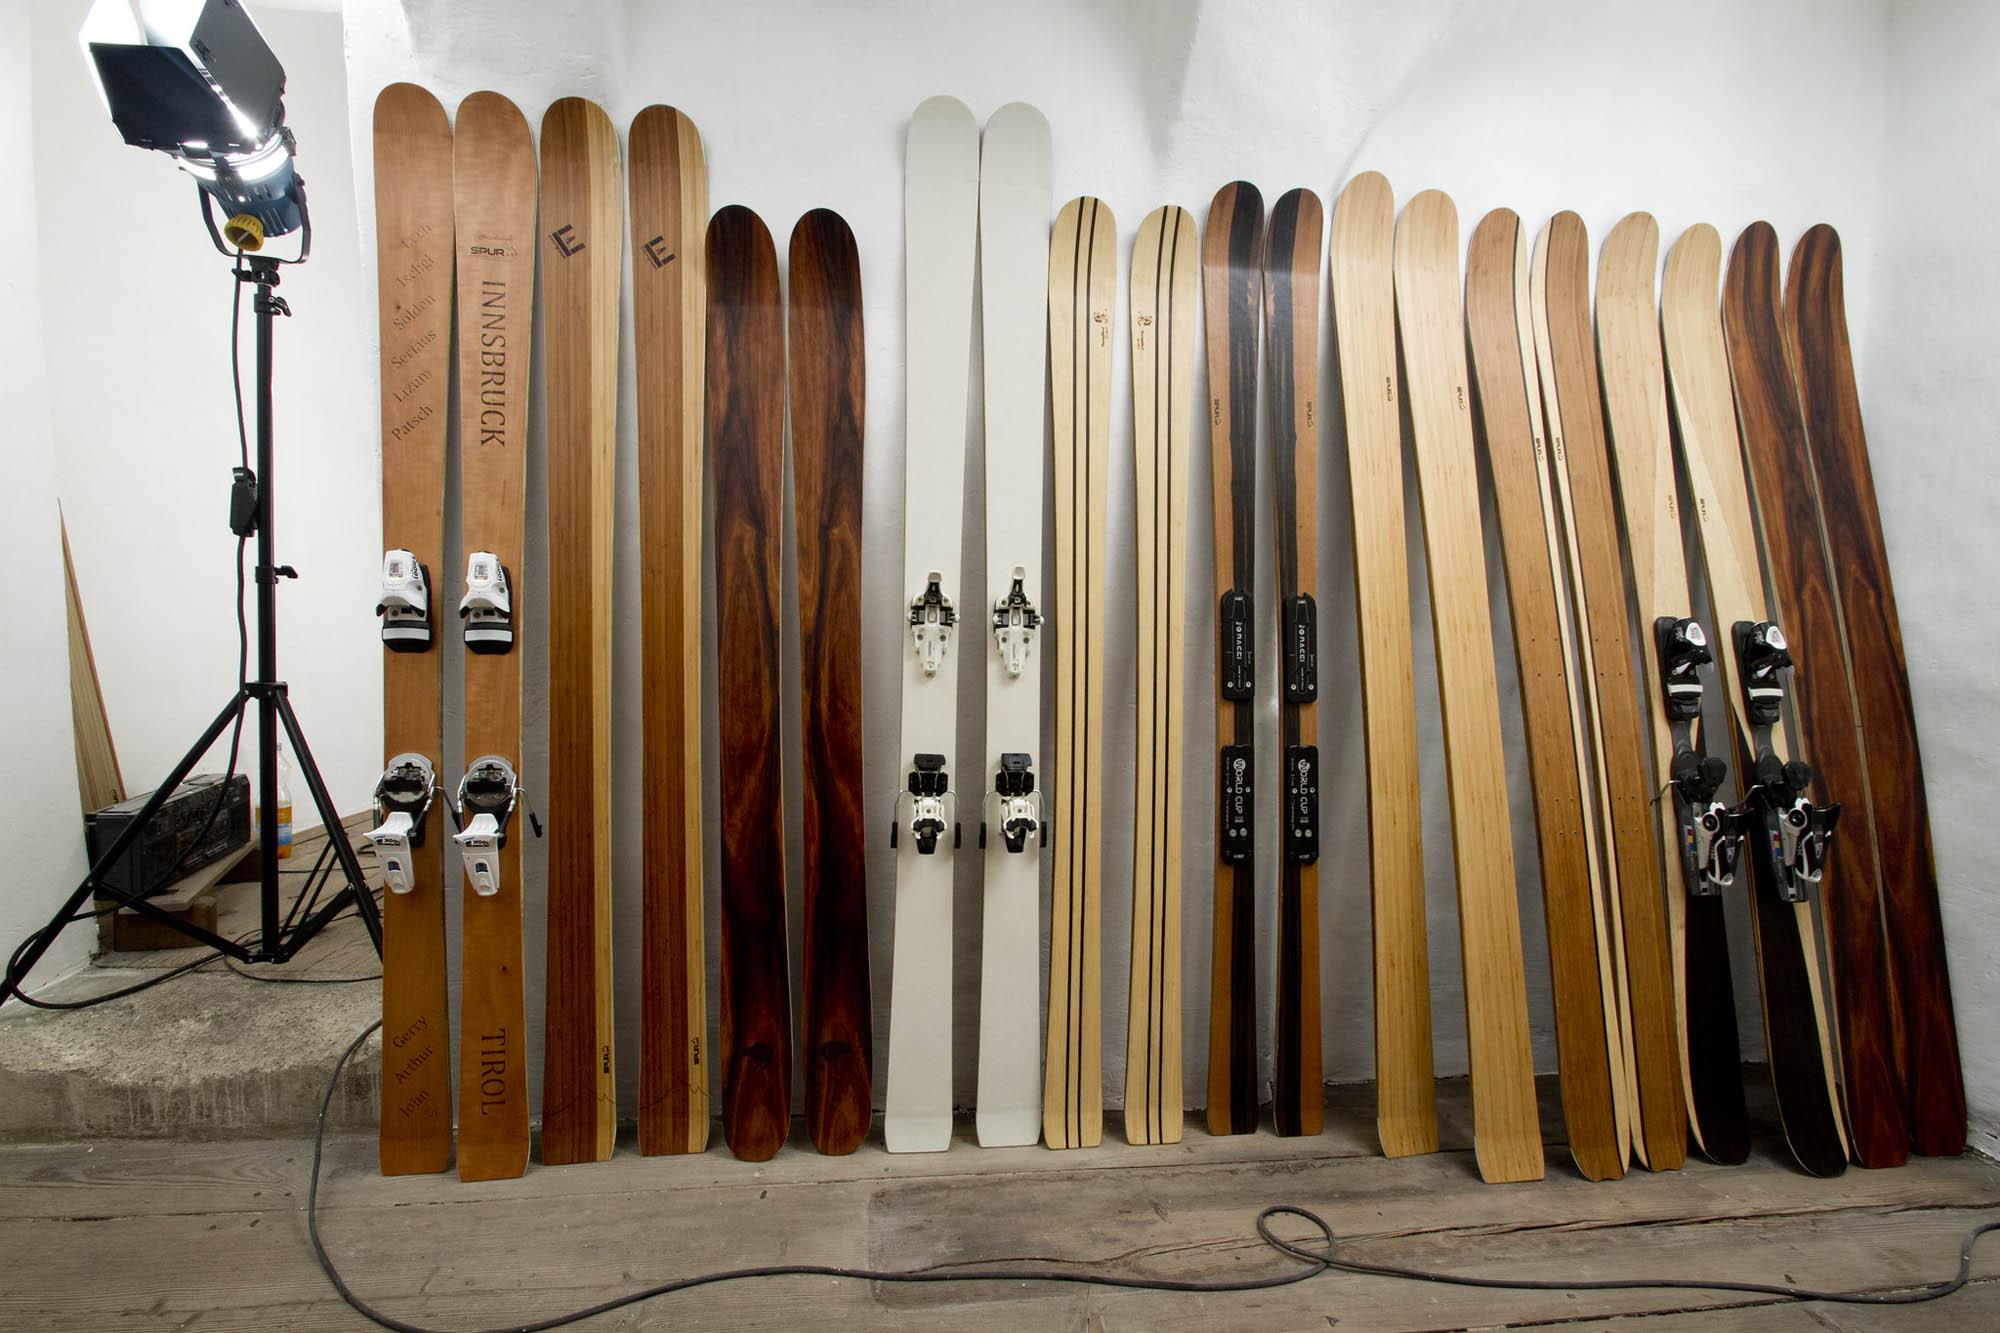 Trotz Nachhaltigkeit in der Skiproduktion hier hier jeden ein Modell dabei.